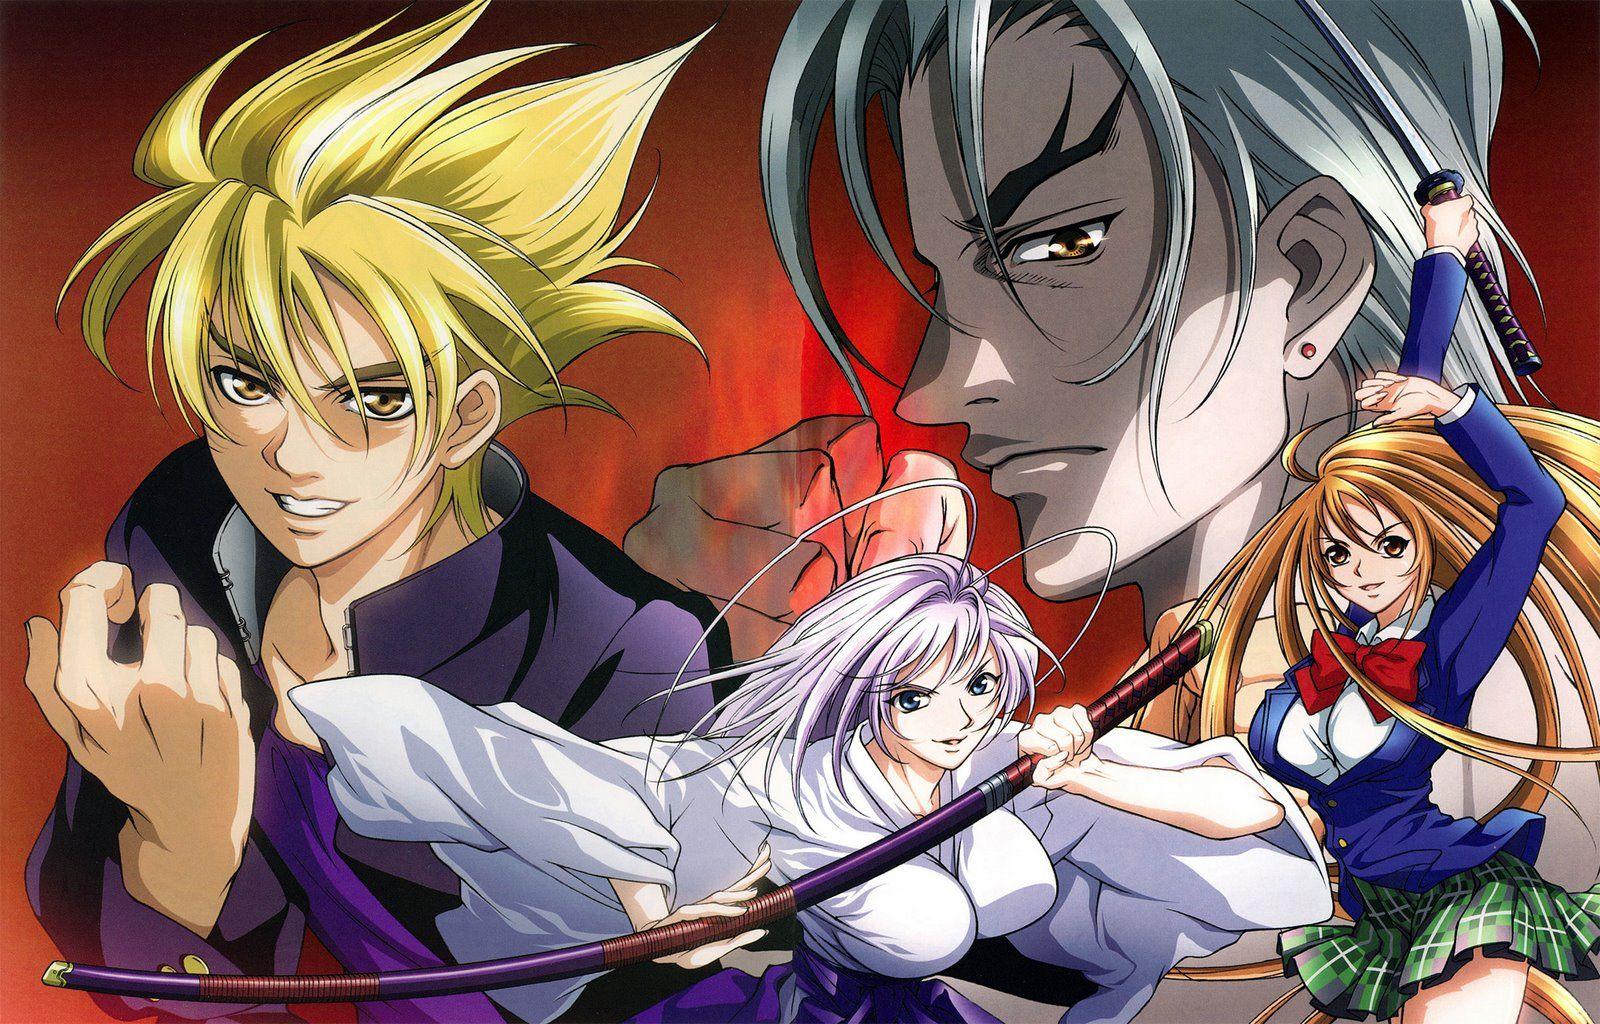 108 1080725 tenjho tenge wallpapers tenjou tenge - Bilinmeyen Ama Kaliteli 8 Anime Önerisi - Figurex Anime Önerileri